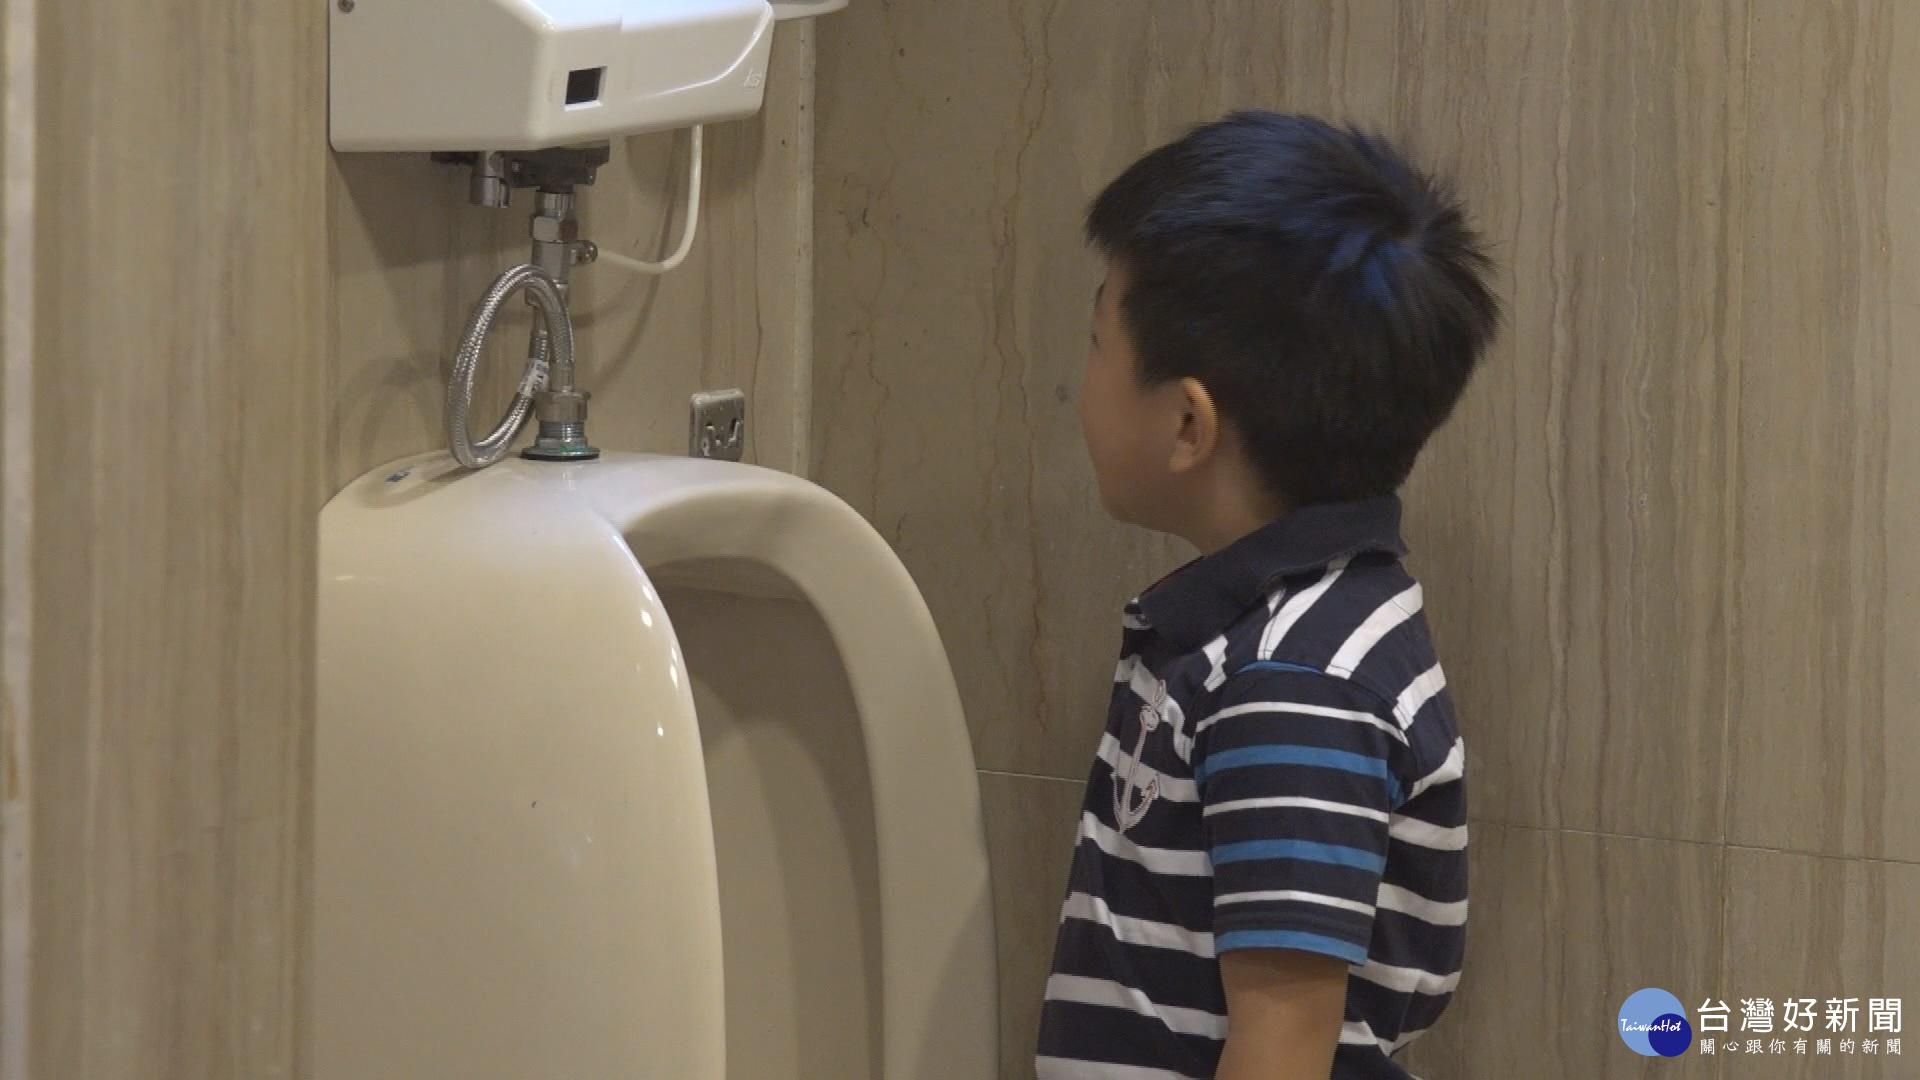 小學生廁所跑不停 疑似高壓力惹禍